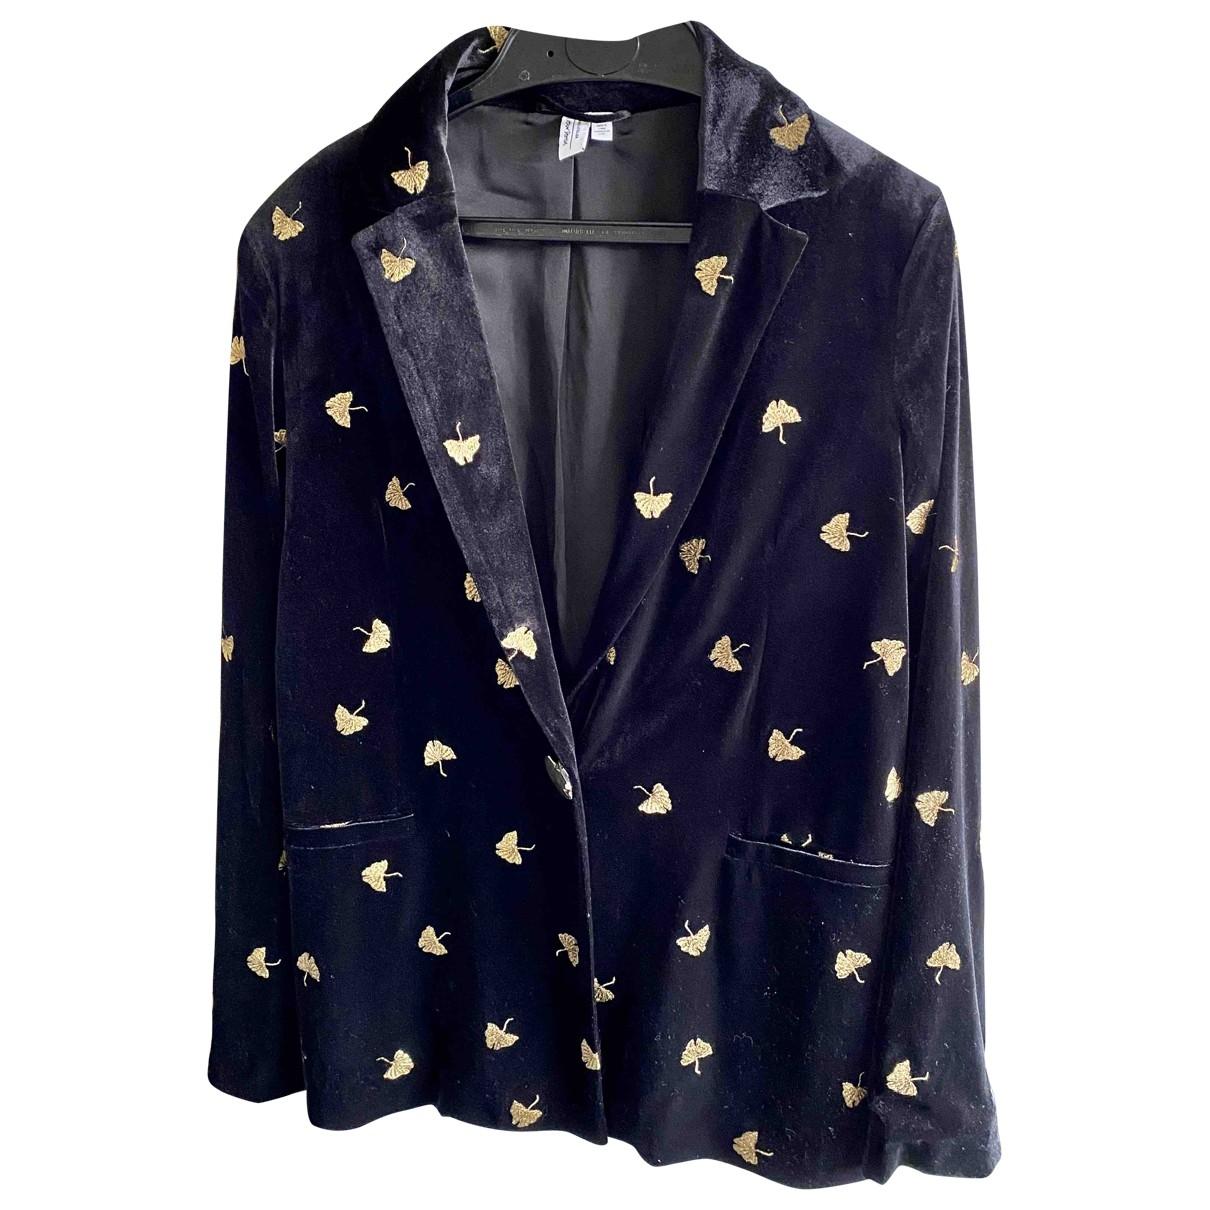 & Stories \N Black Velvet jacket for Women 38 FR